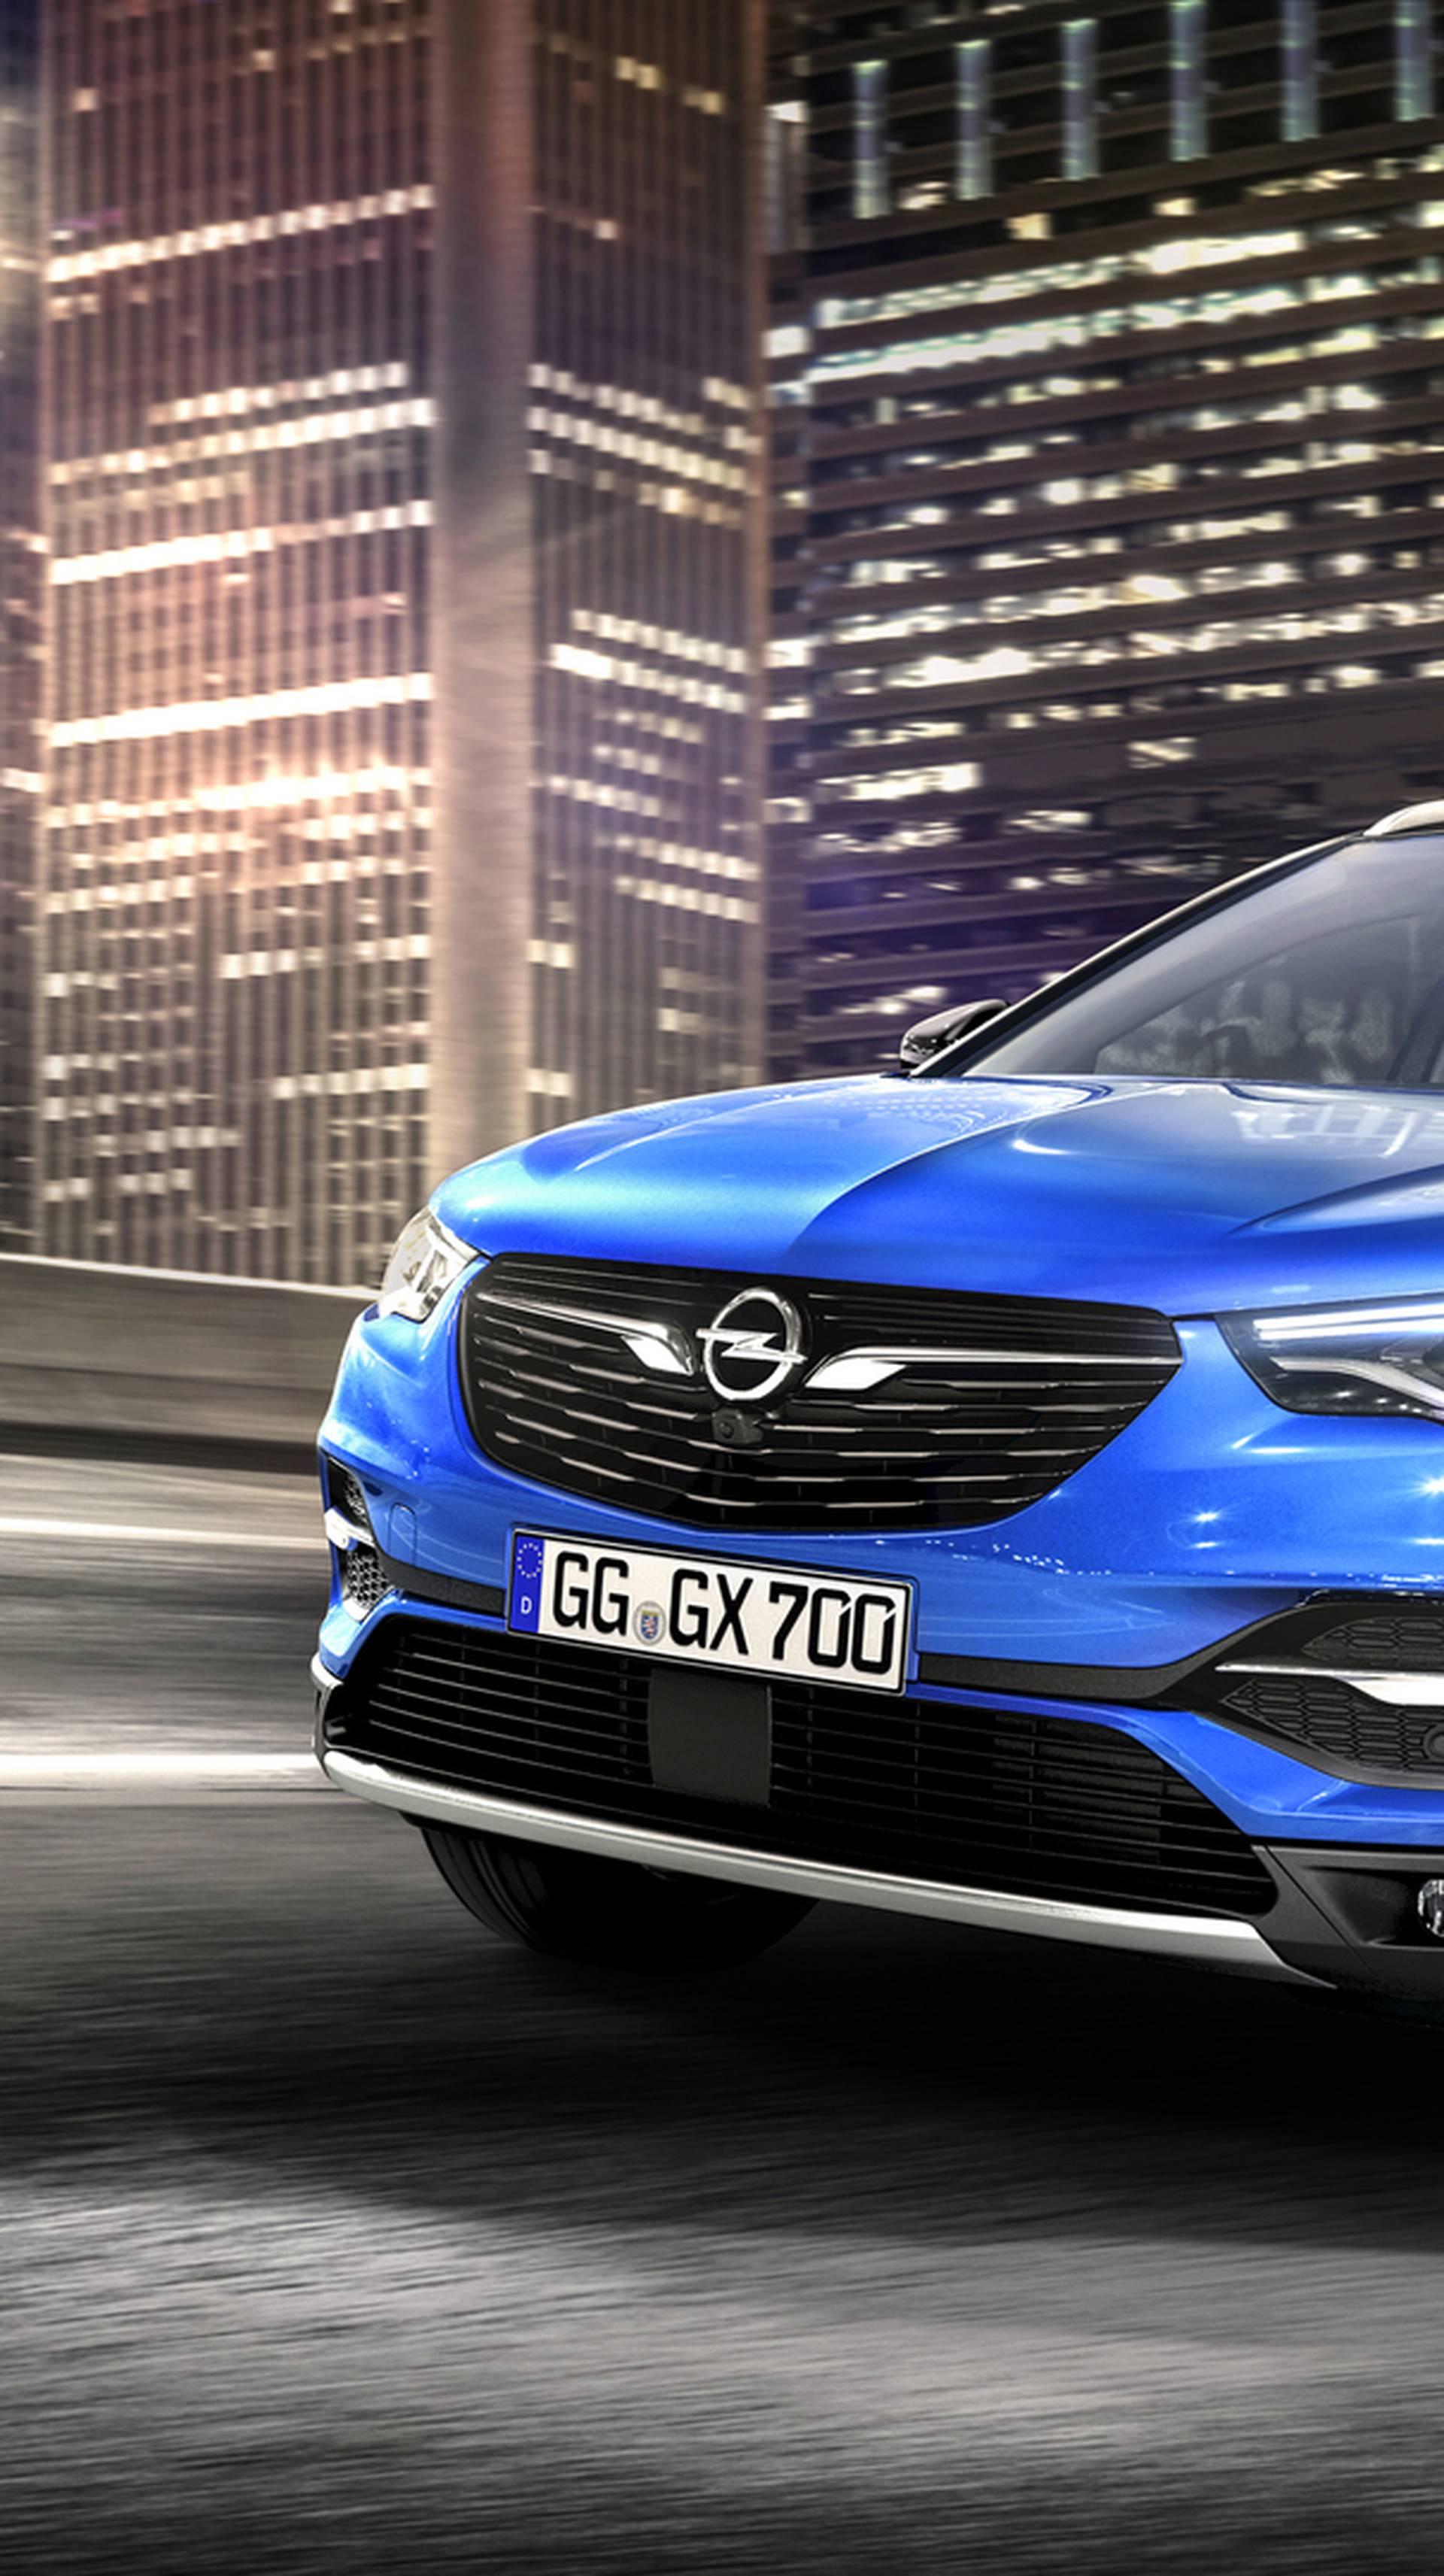 Pratite uživo: Opel otkriva koji su njihovi planovi za budućnost